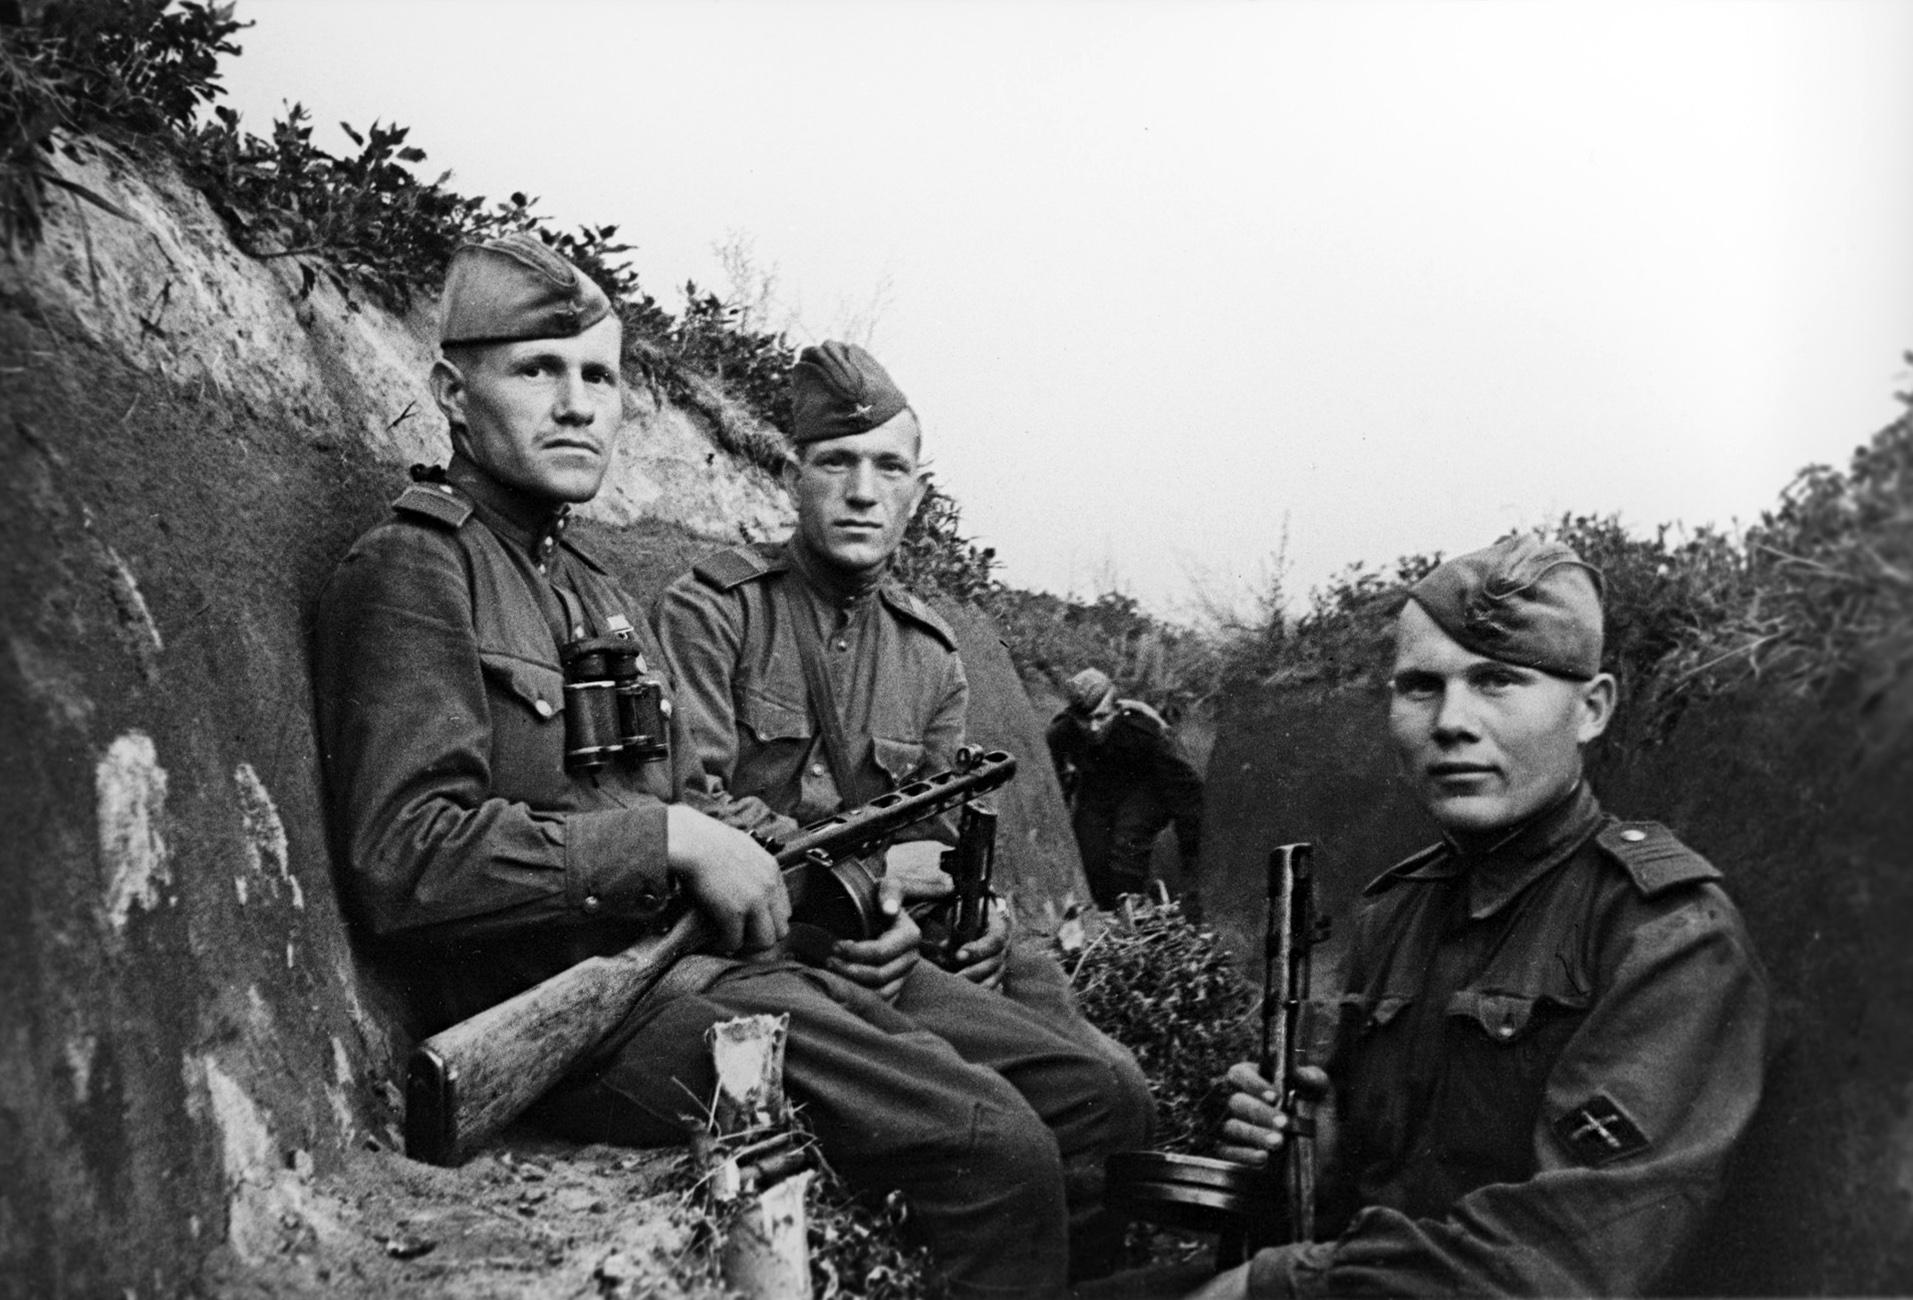 Солдаты противотанковой артиллерии РККА с нарукавными знаками.